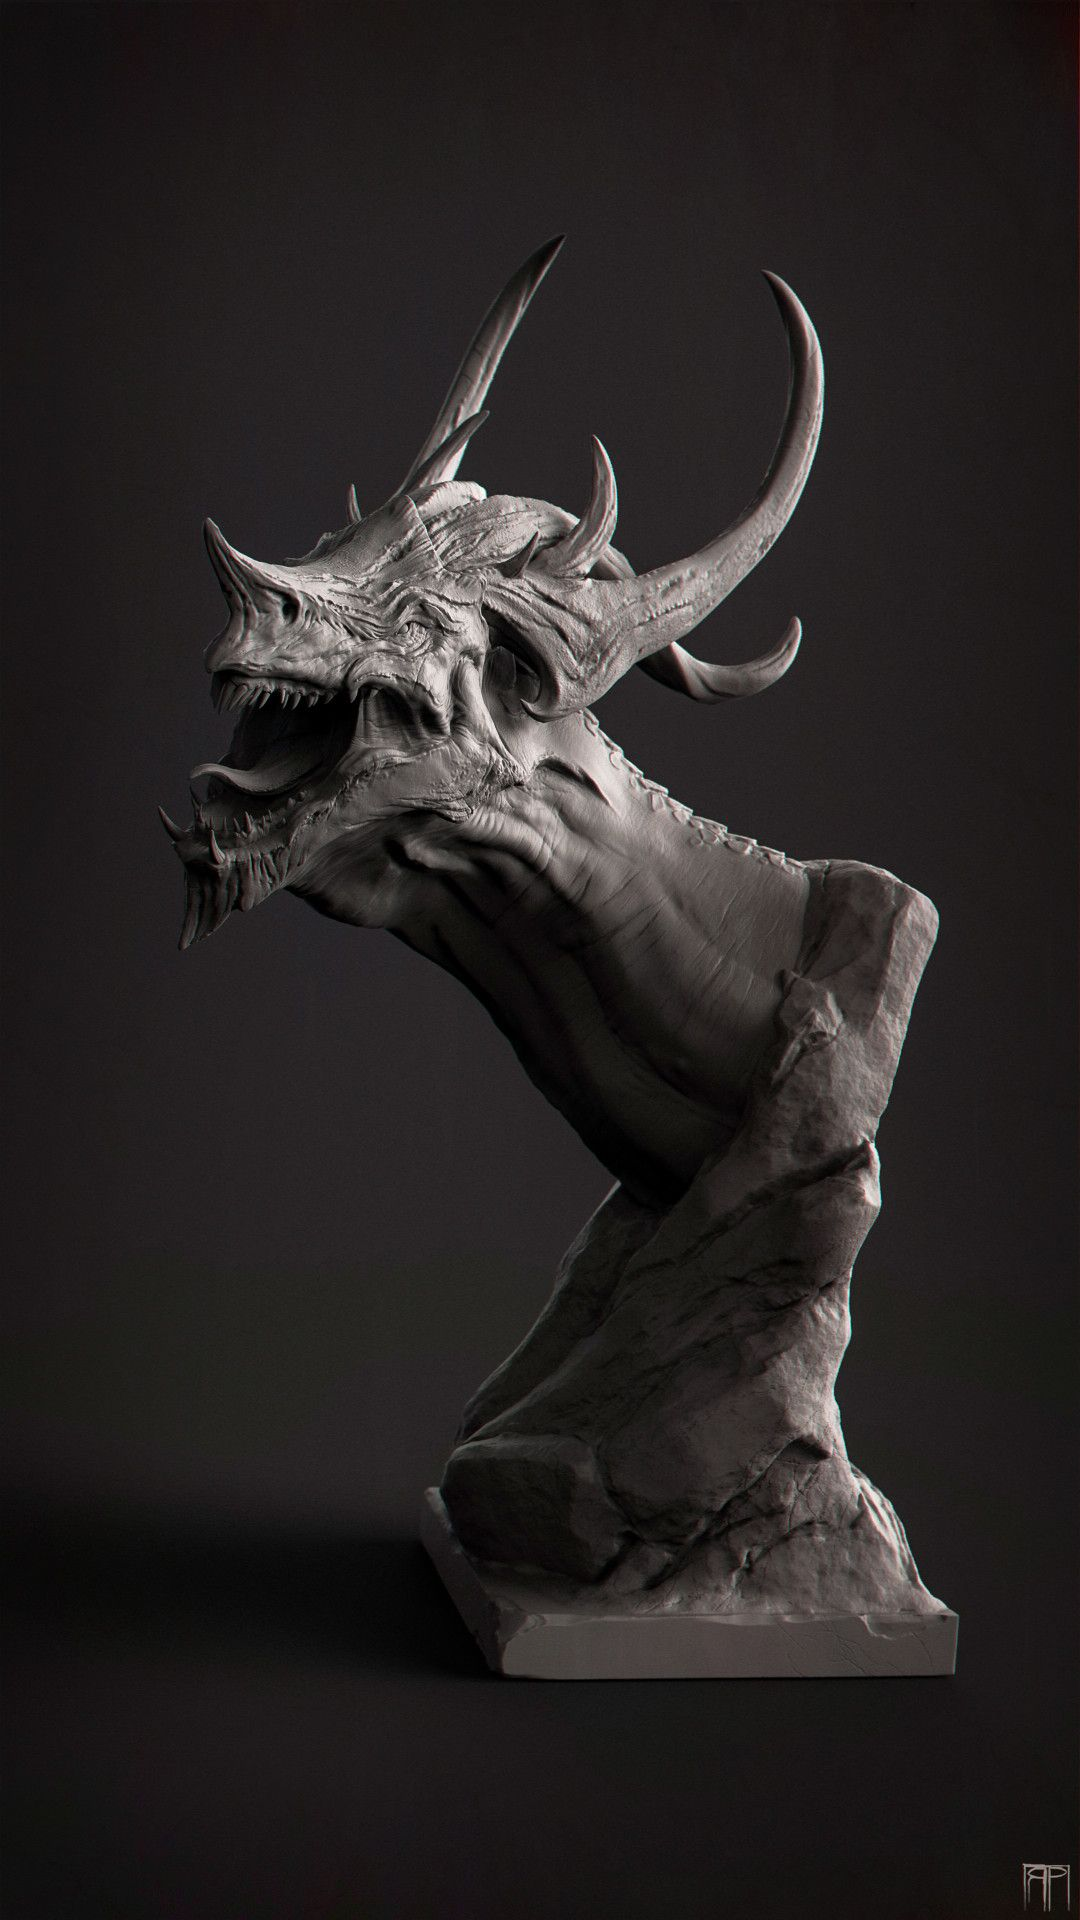 Dragon-Head by Romain Pommier